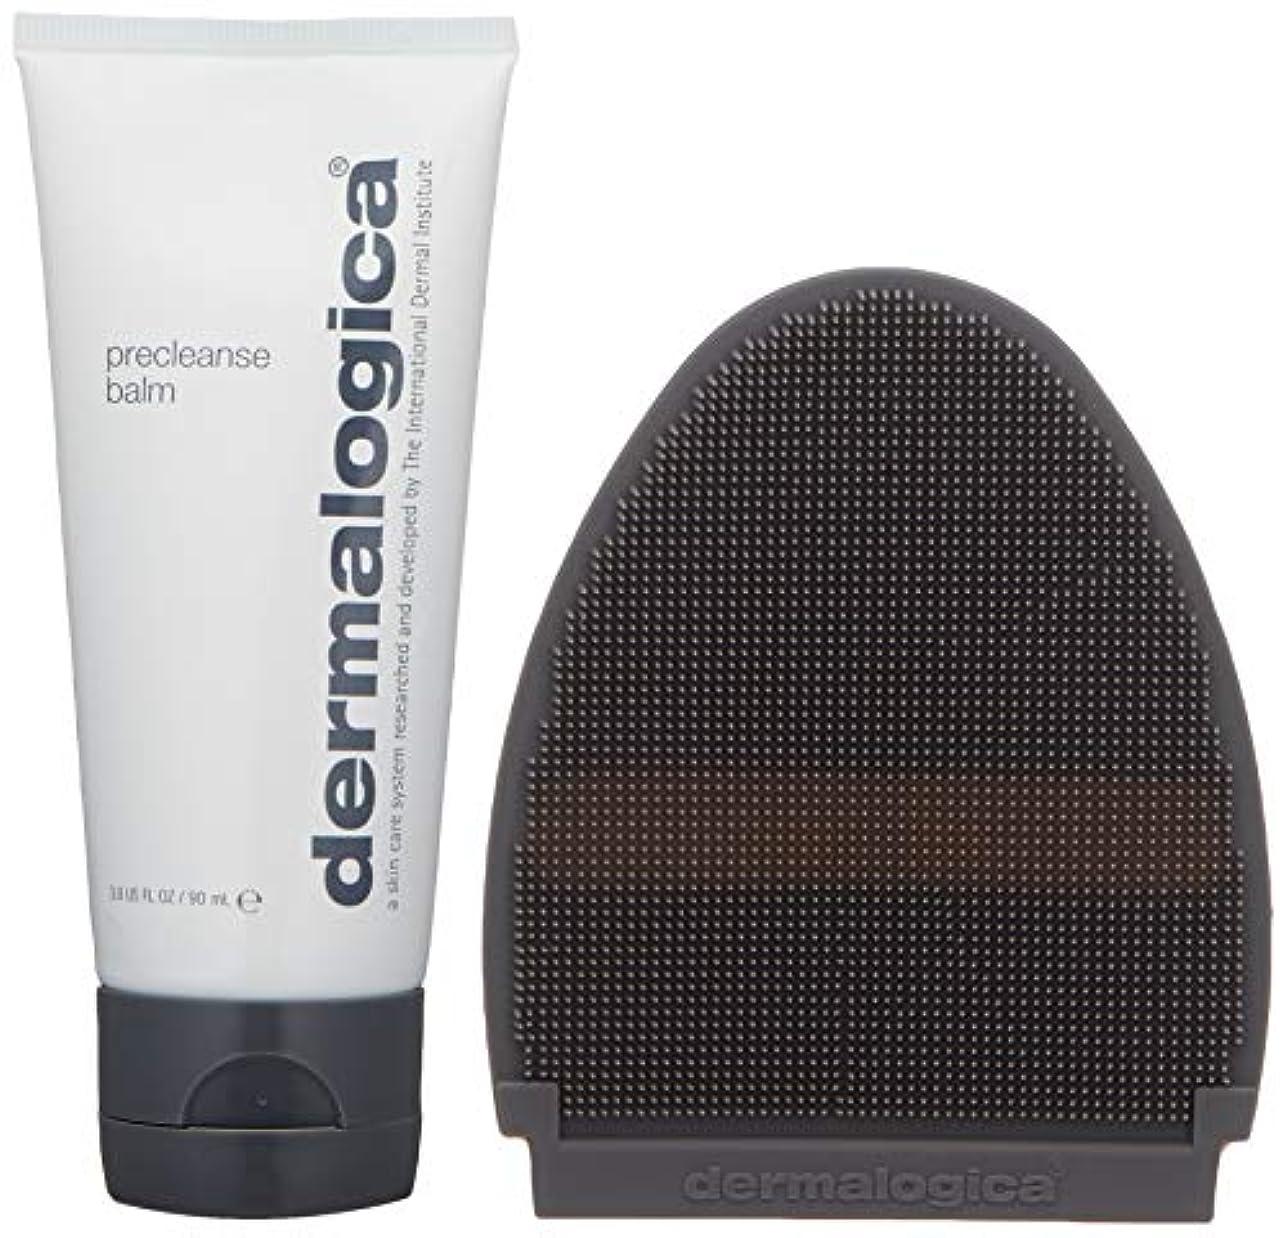 アセショップ毛細血管ダーマロジカ Precleanse Balm (with Cleansing Mitt) - For Normal to Dry Skin 90ml/3oz並行輸入品